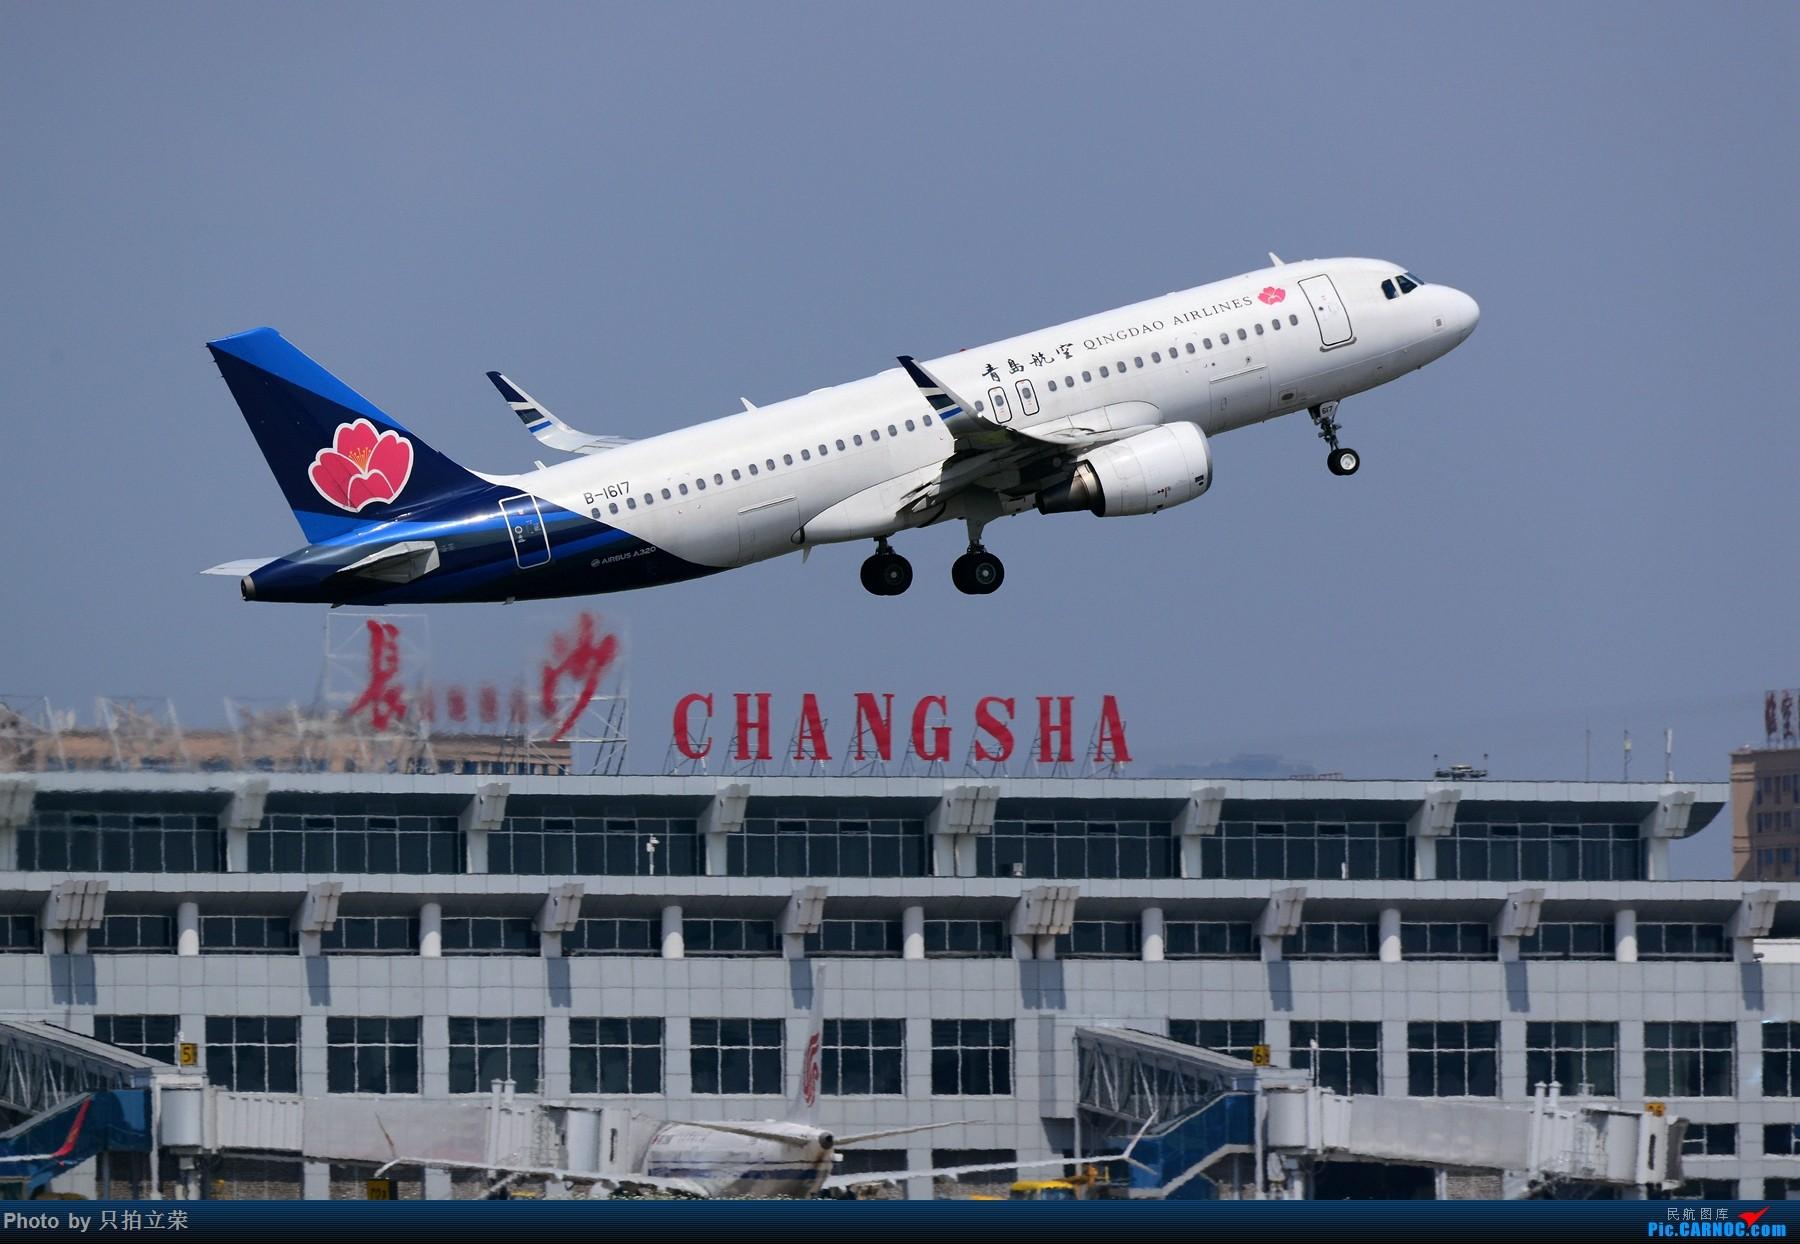 Re:[原创]湖南飞友会:今天首次拍到山东MAX,另外搞个山东小专辑 AIRBUS A320-200 B-1617 中国长沙黄花国际机场